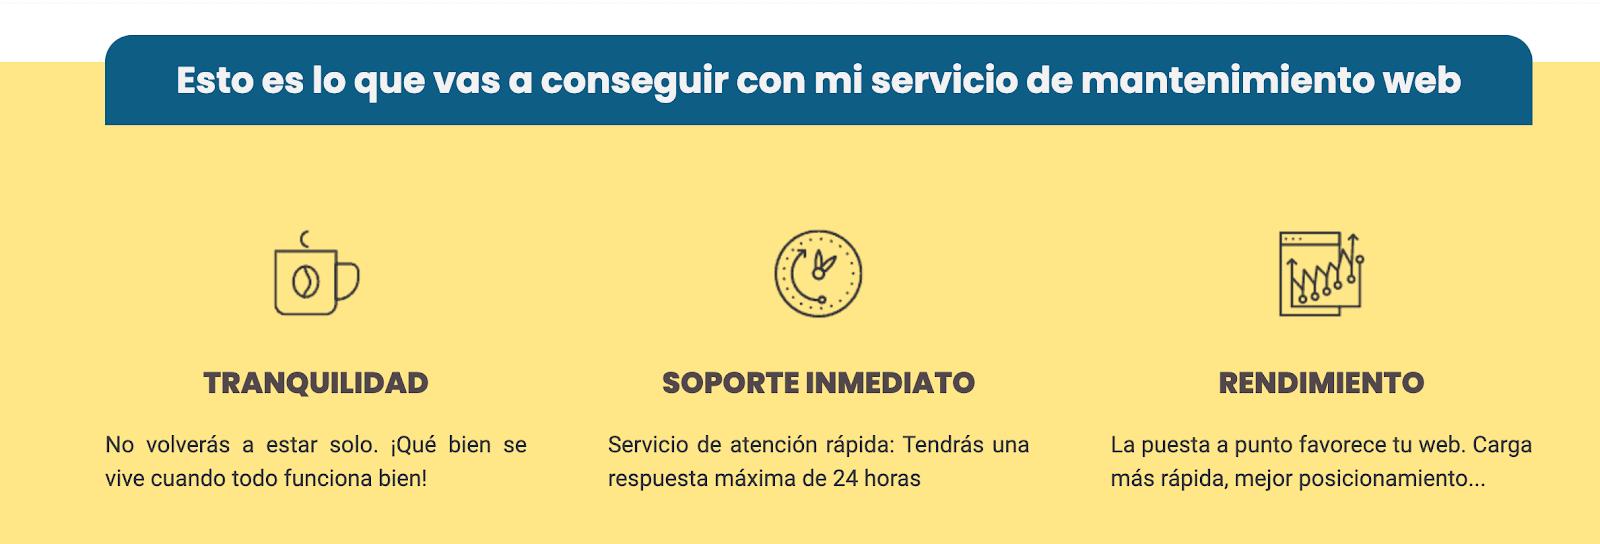 Ejemplo de la sección de servicios en una página de Ventas